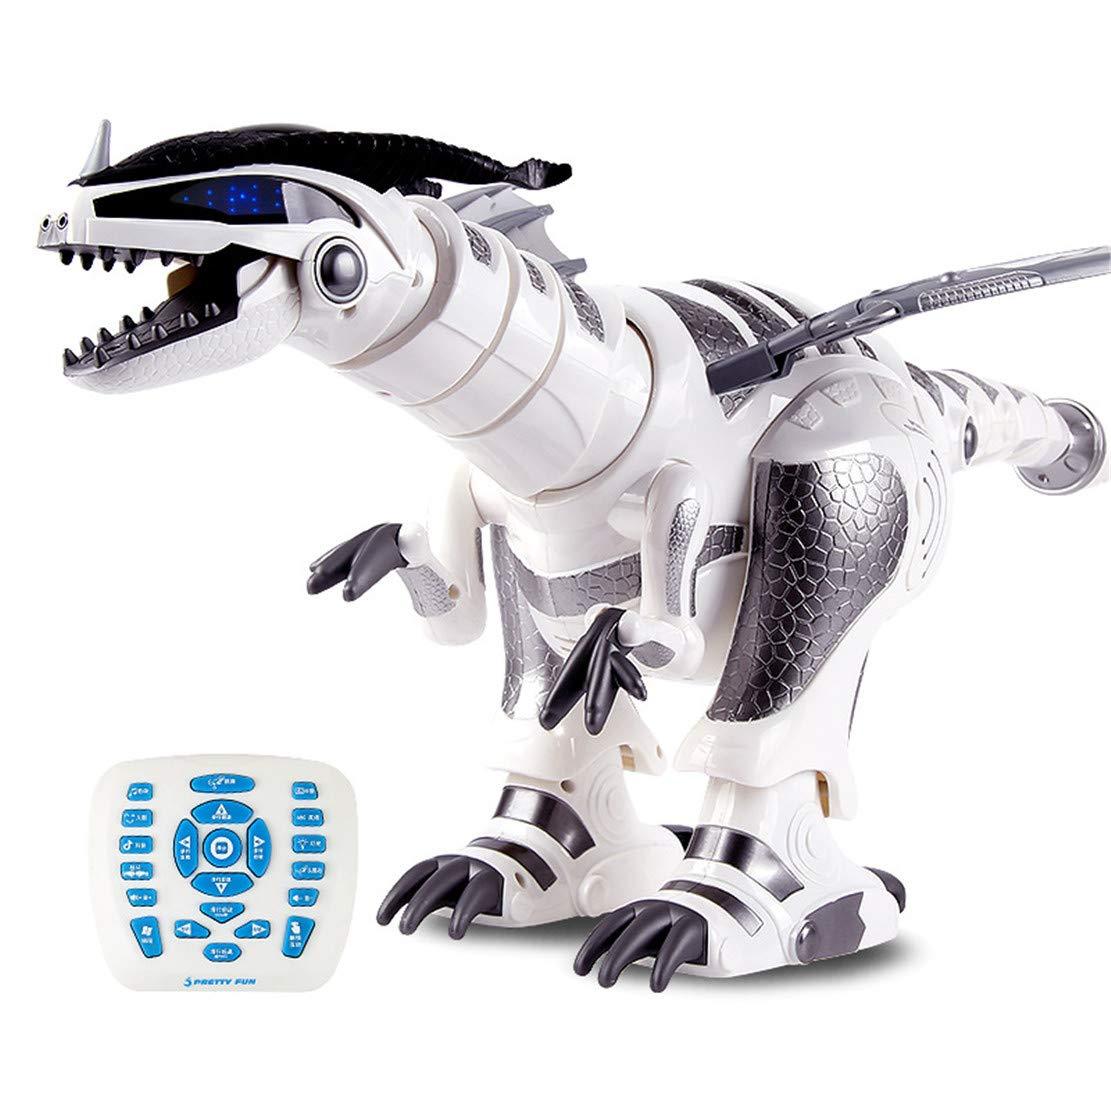 WEIGZ Elektrische Fernbedienung Dinosaurier-Spielzeug Elektro-Dinosaurier-Roboter B07MZPRH6L Spielfiguren & -fahrzeuge Öffnen Sie das Interesse und die Innovation Ihres Kindes, aber auch die Unschuld von Kindern, kindlich, glücklich | Die erste Reihe von